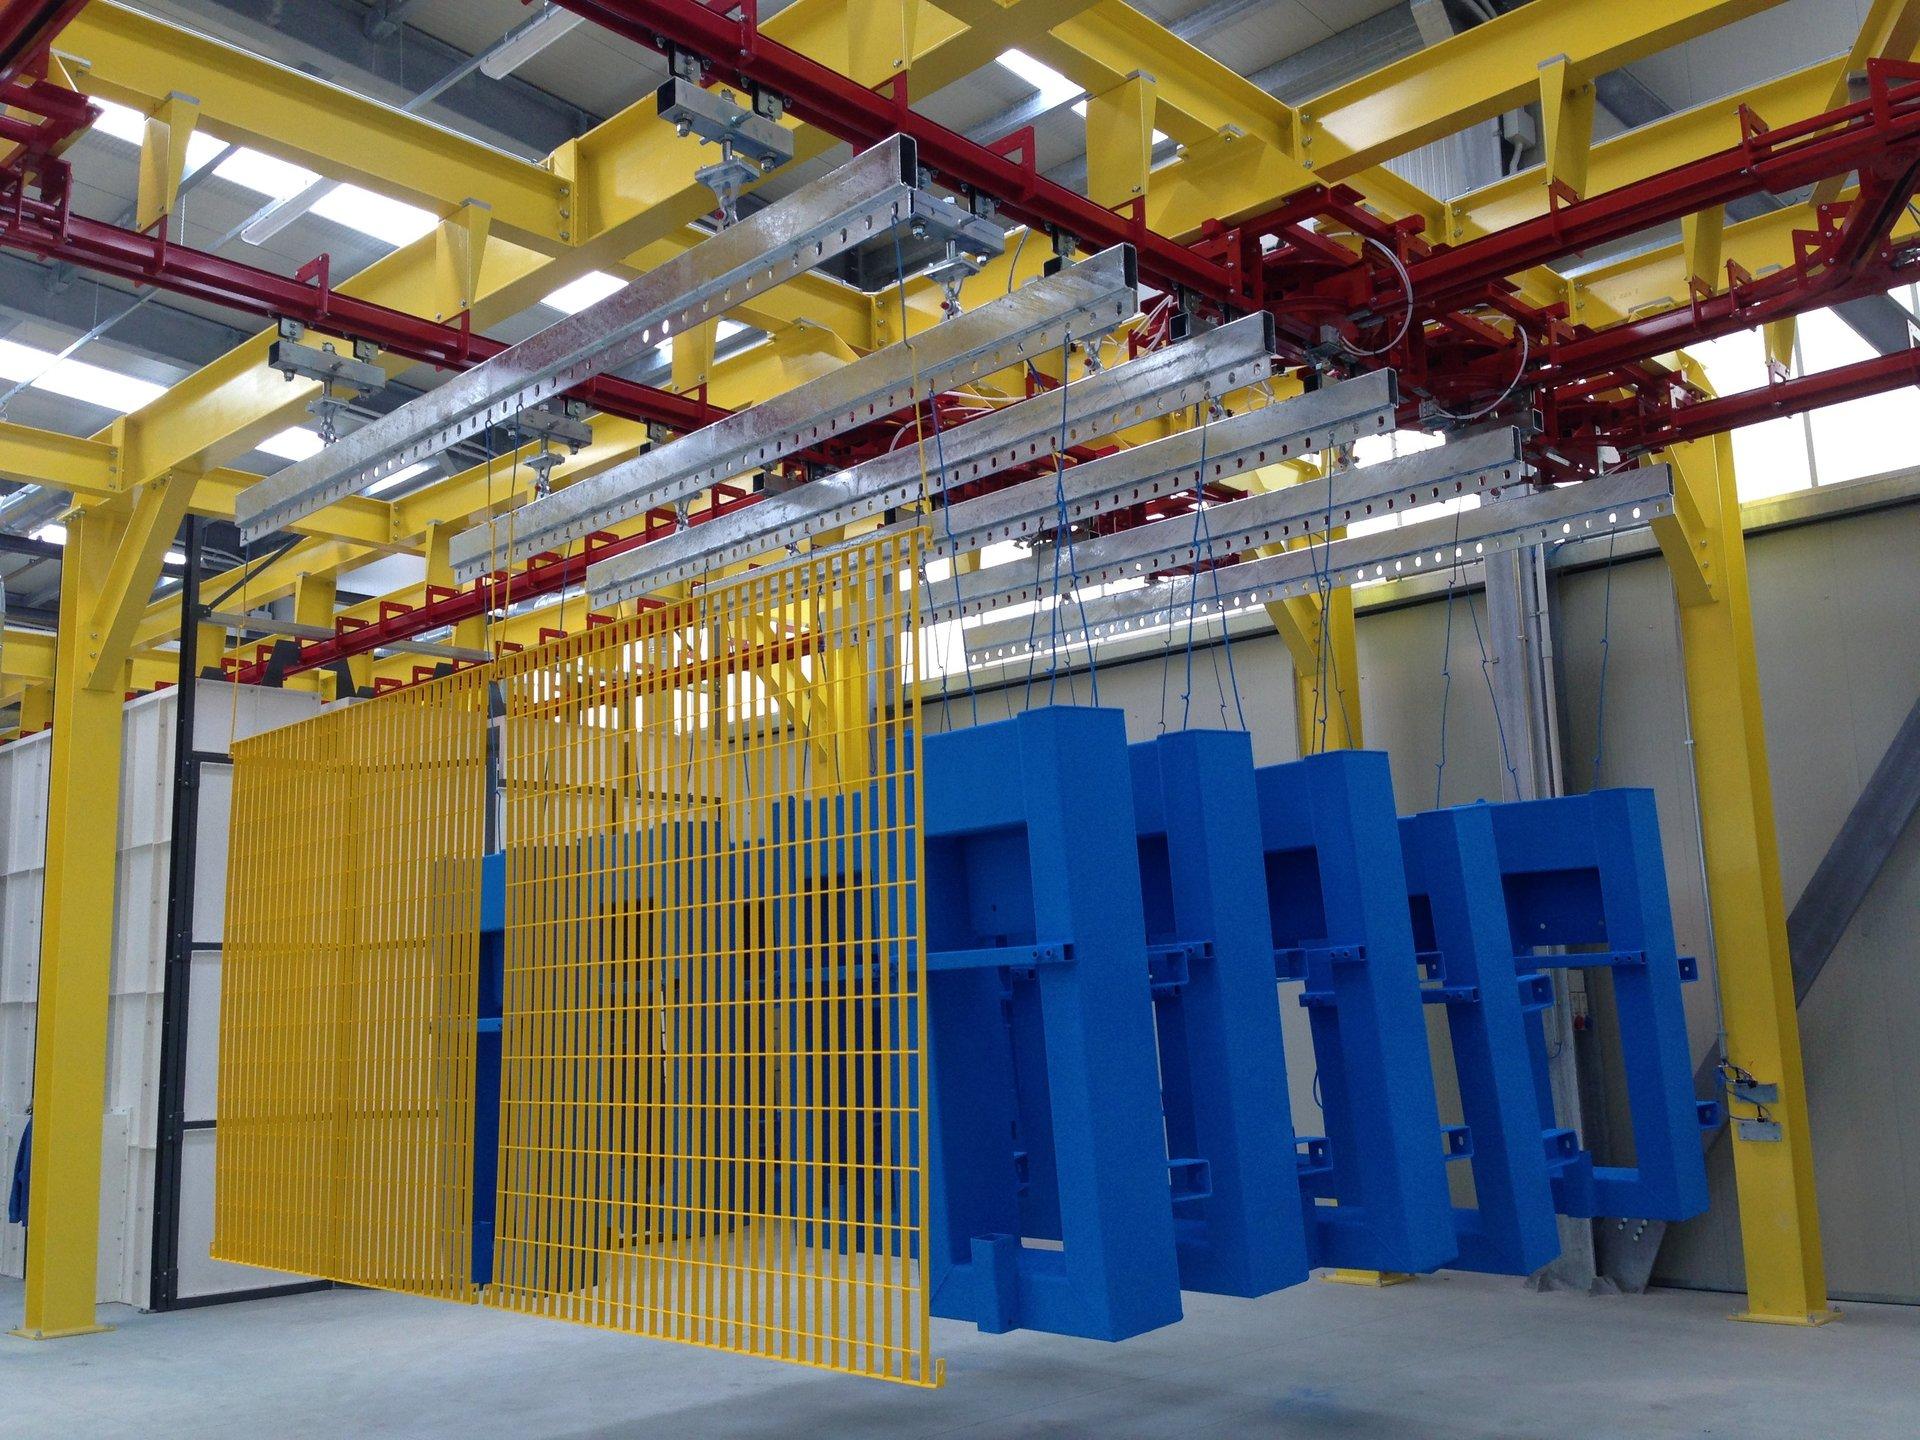 Impianto semi automatico misto di verniciatura polvere liquido